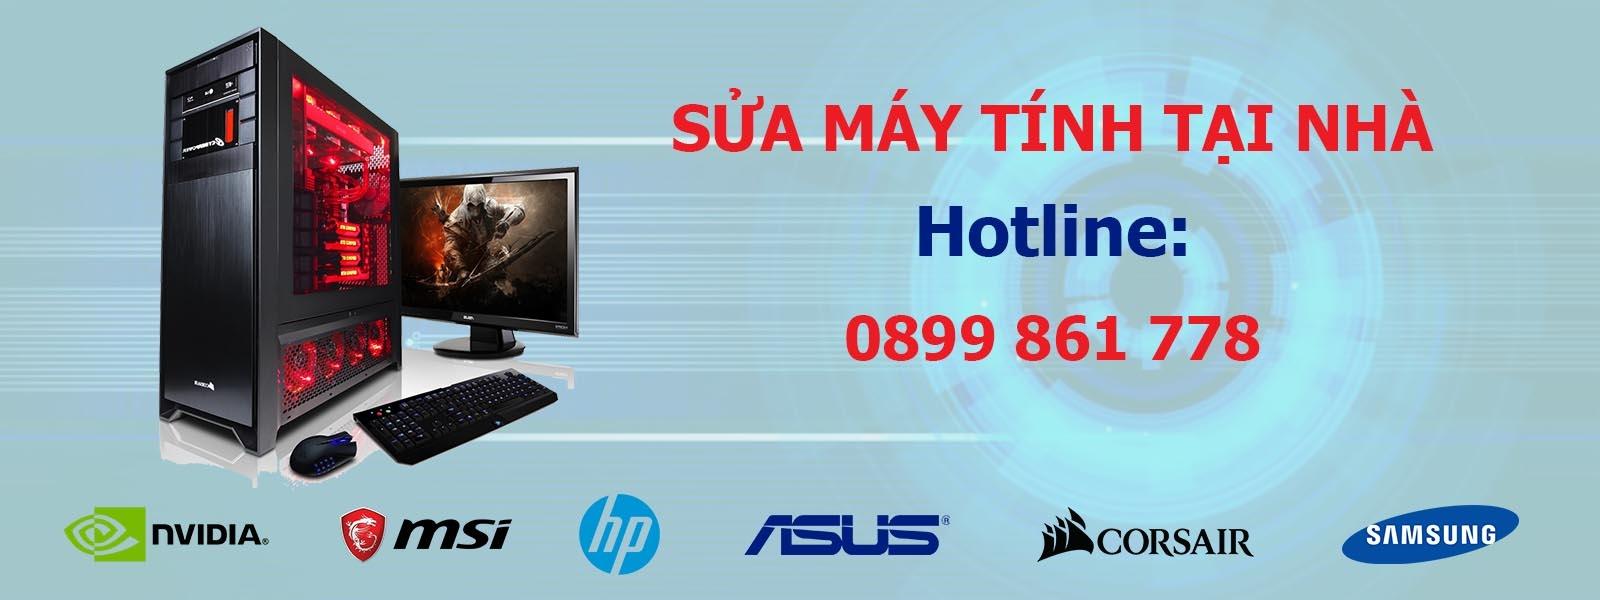 Sửa máy tính đà nẵng (@suamaytinhdanang) Cover Image